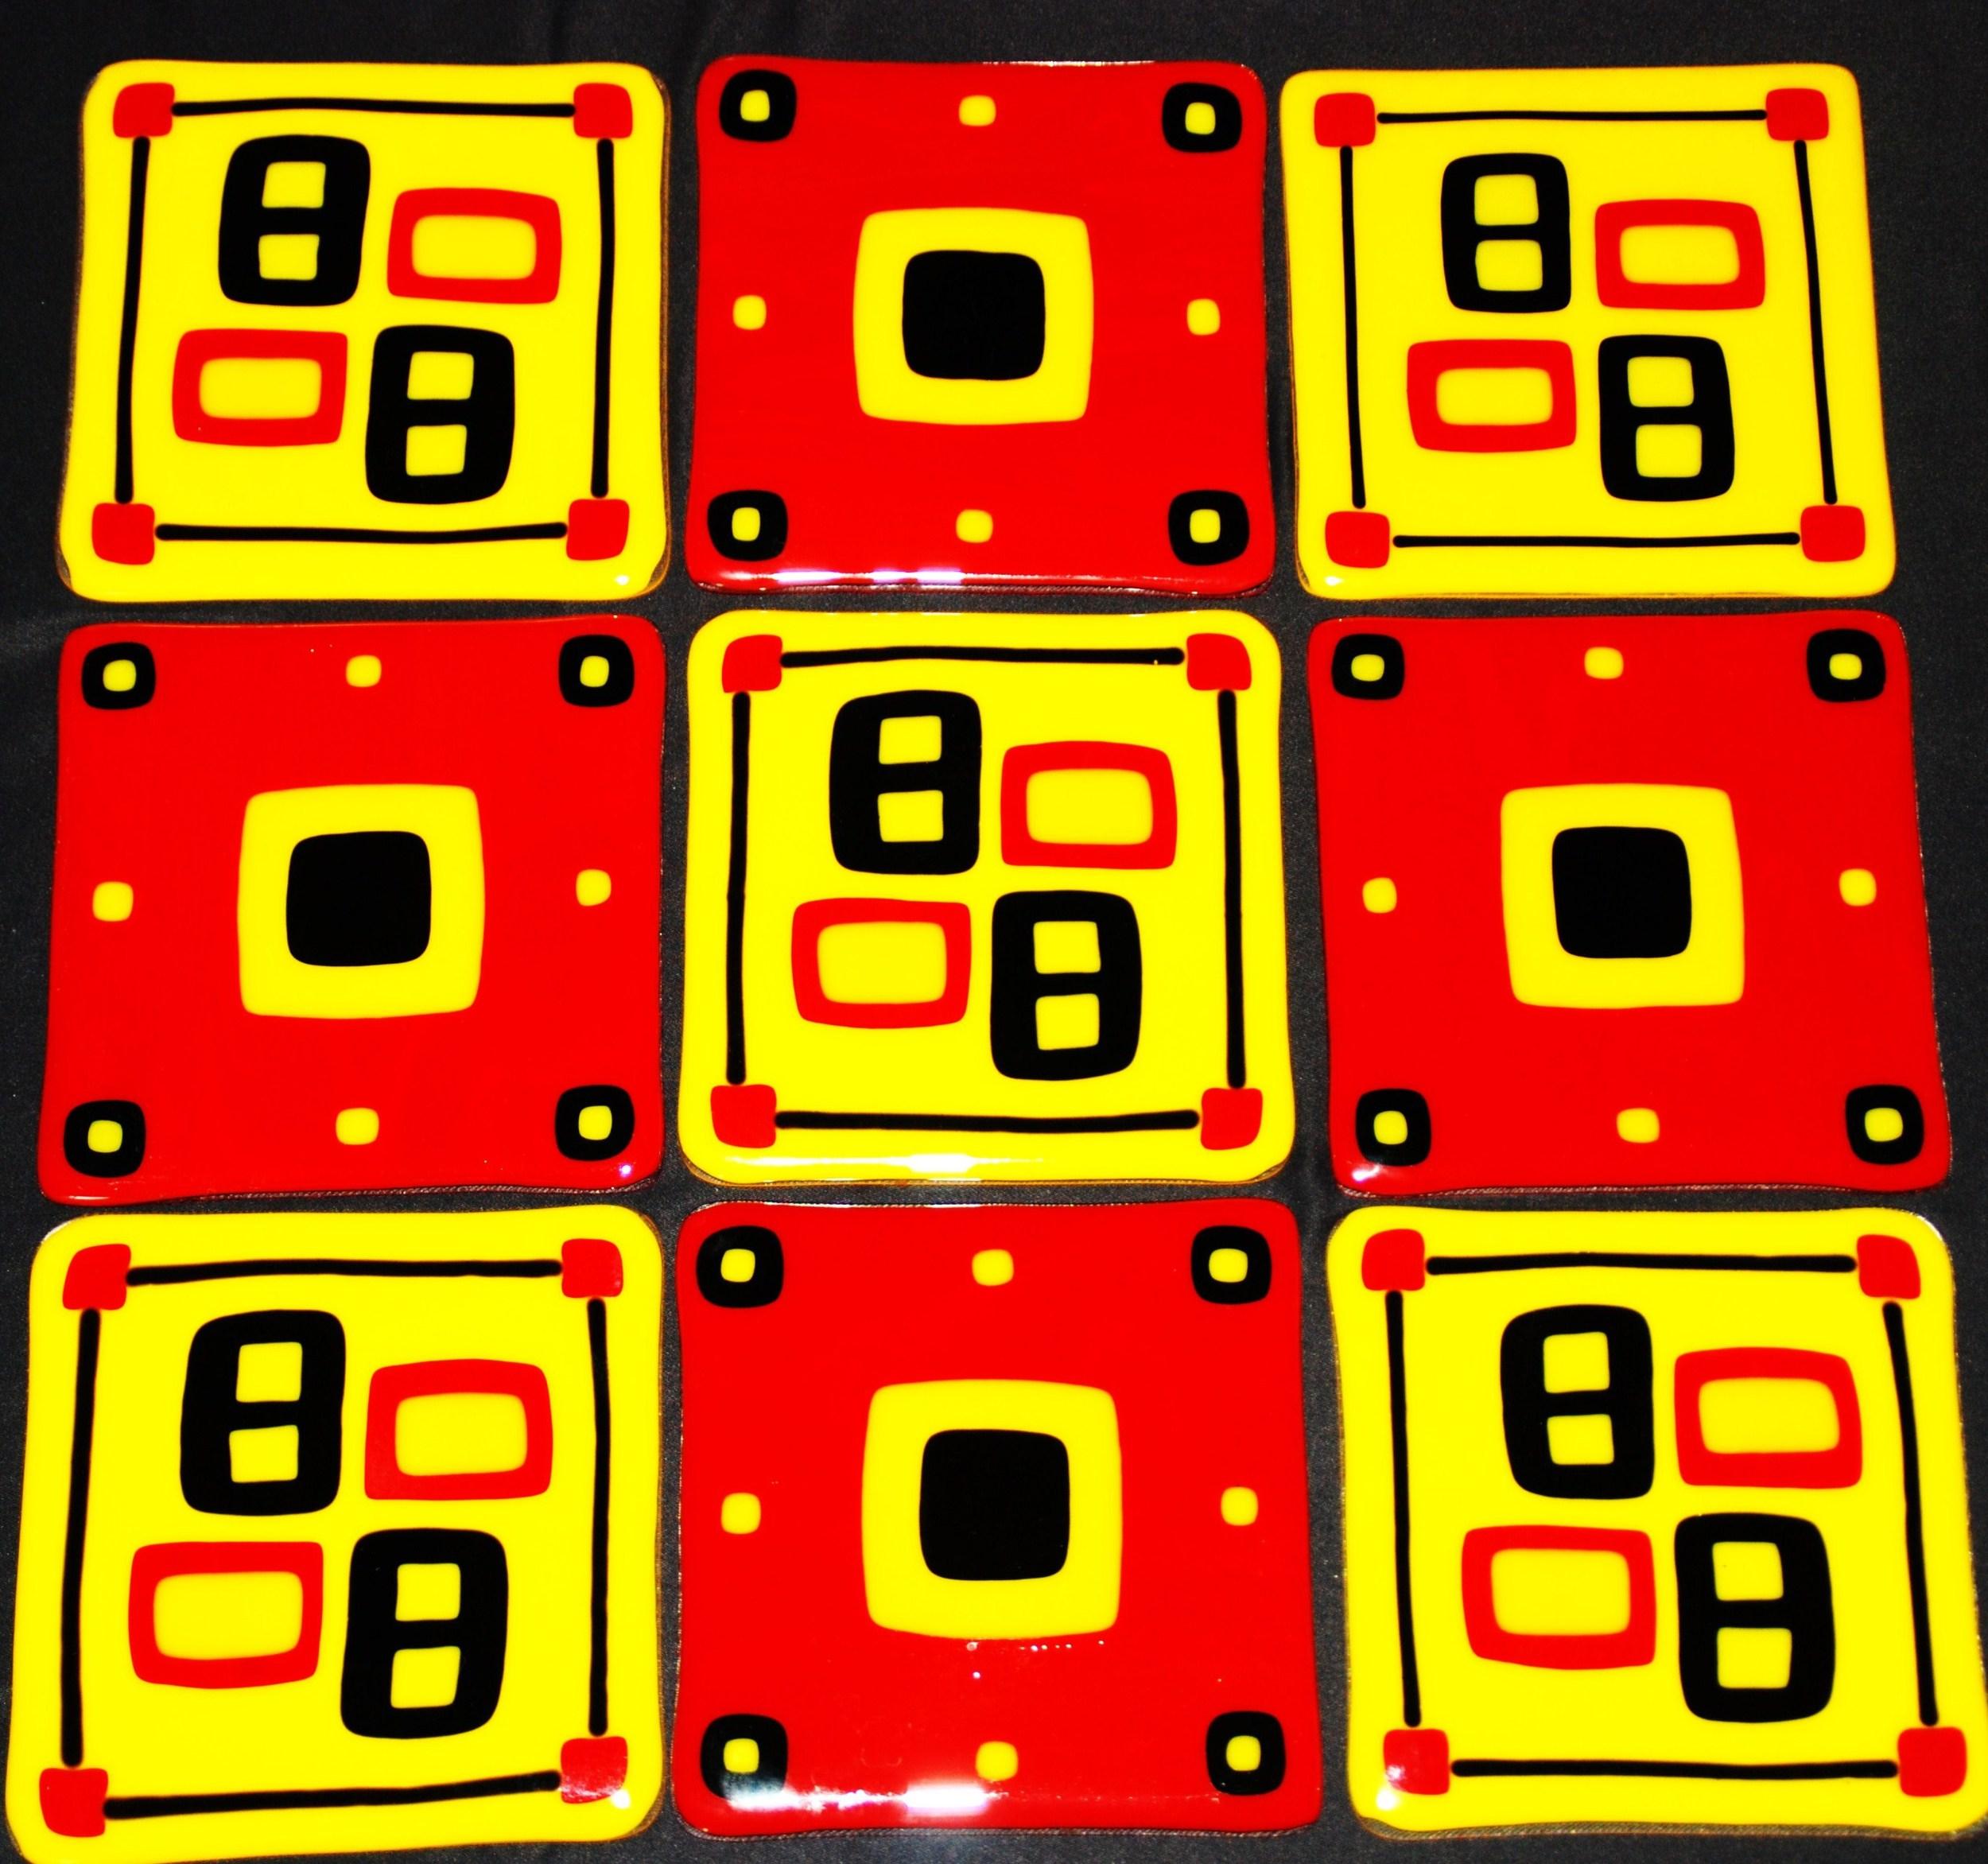 craftsman red and gold tiles for kitchen backsplash.JPG